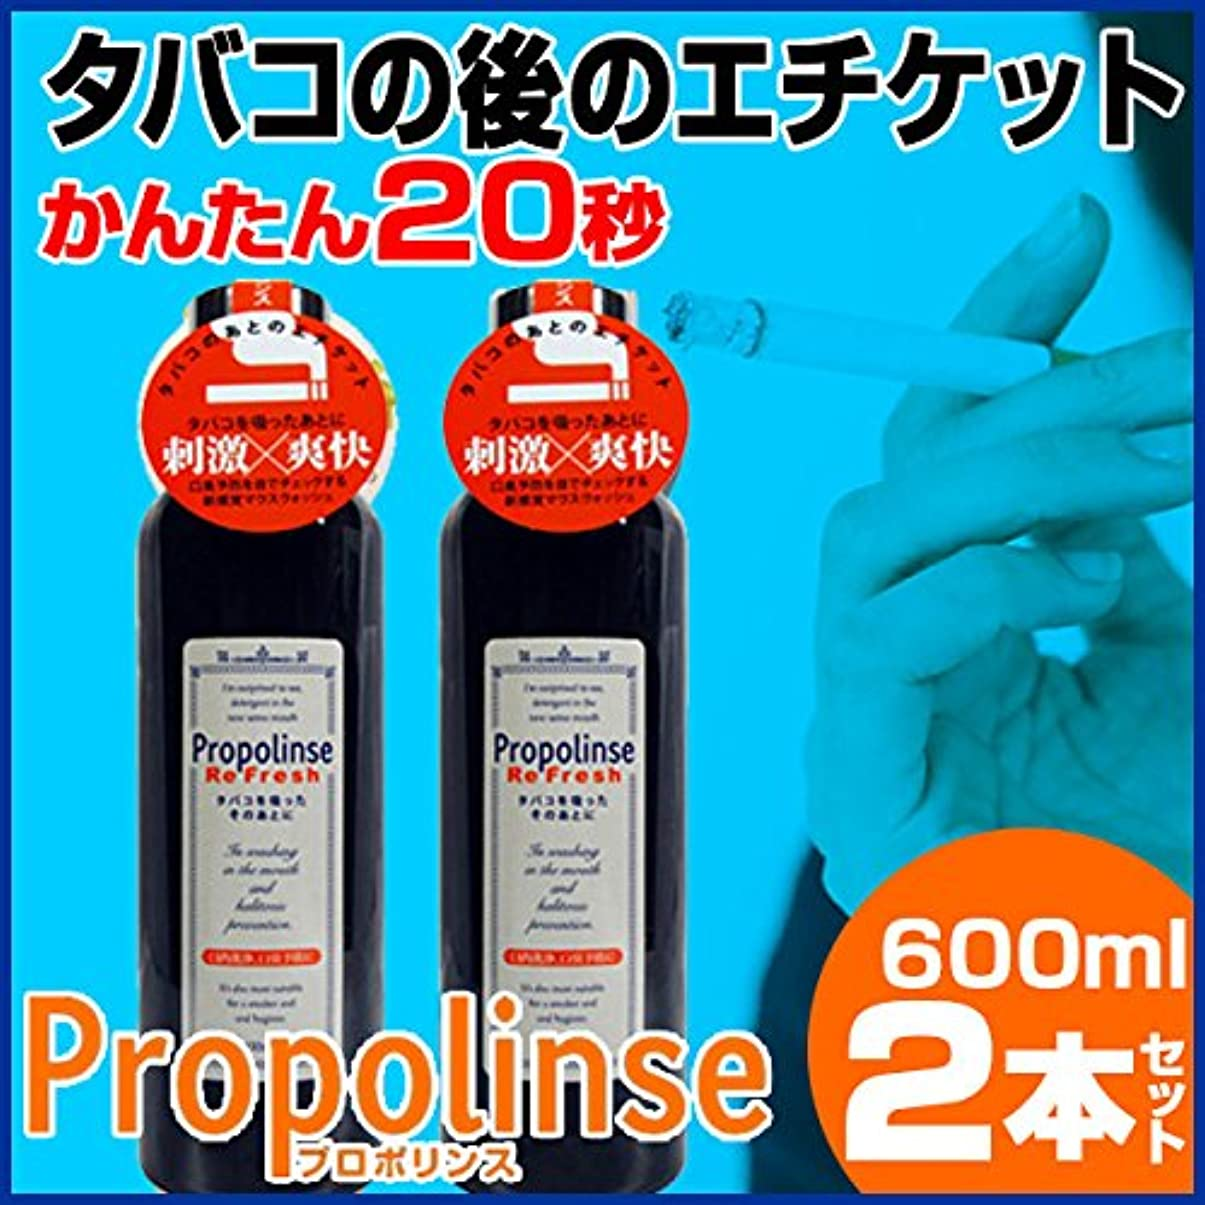 制裁避ける体現するプロポリンス リフレッシュ600ml【まとめ買い2個セット】